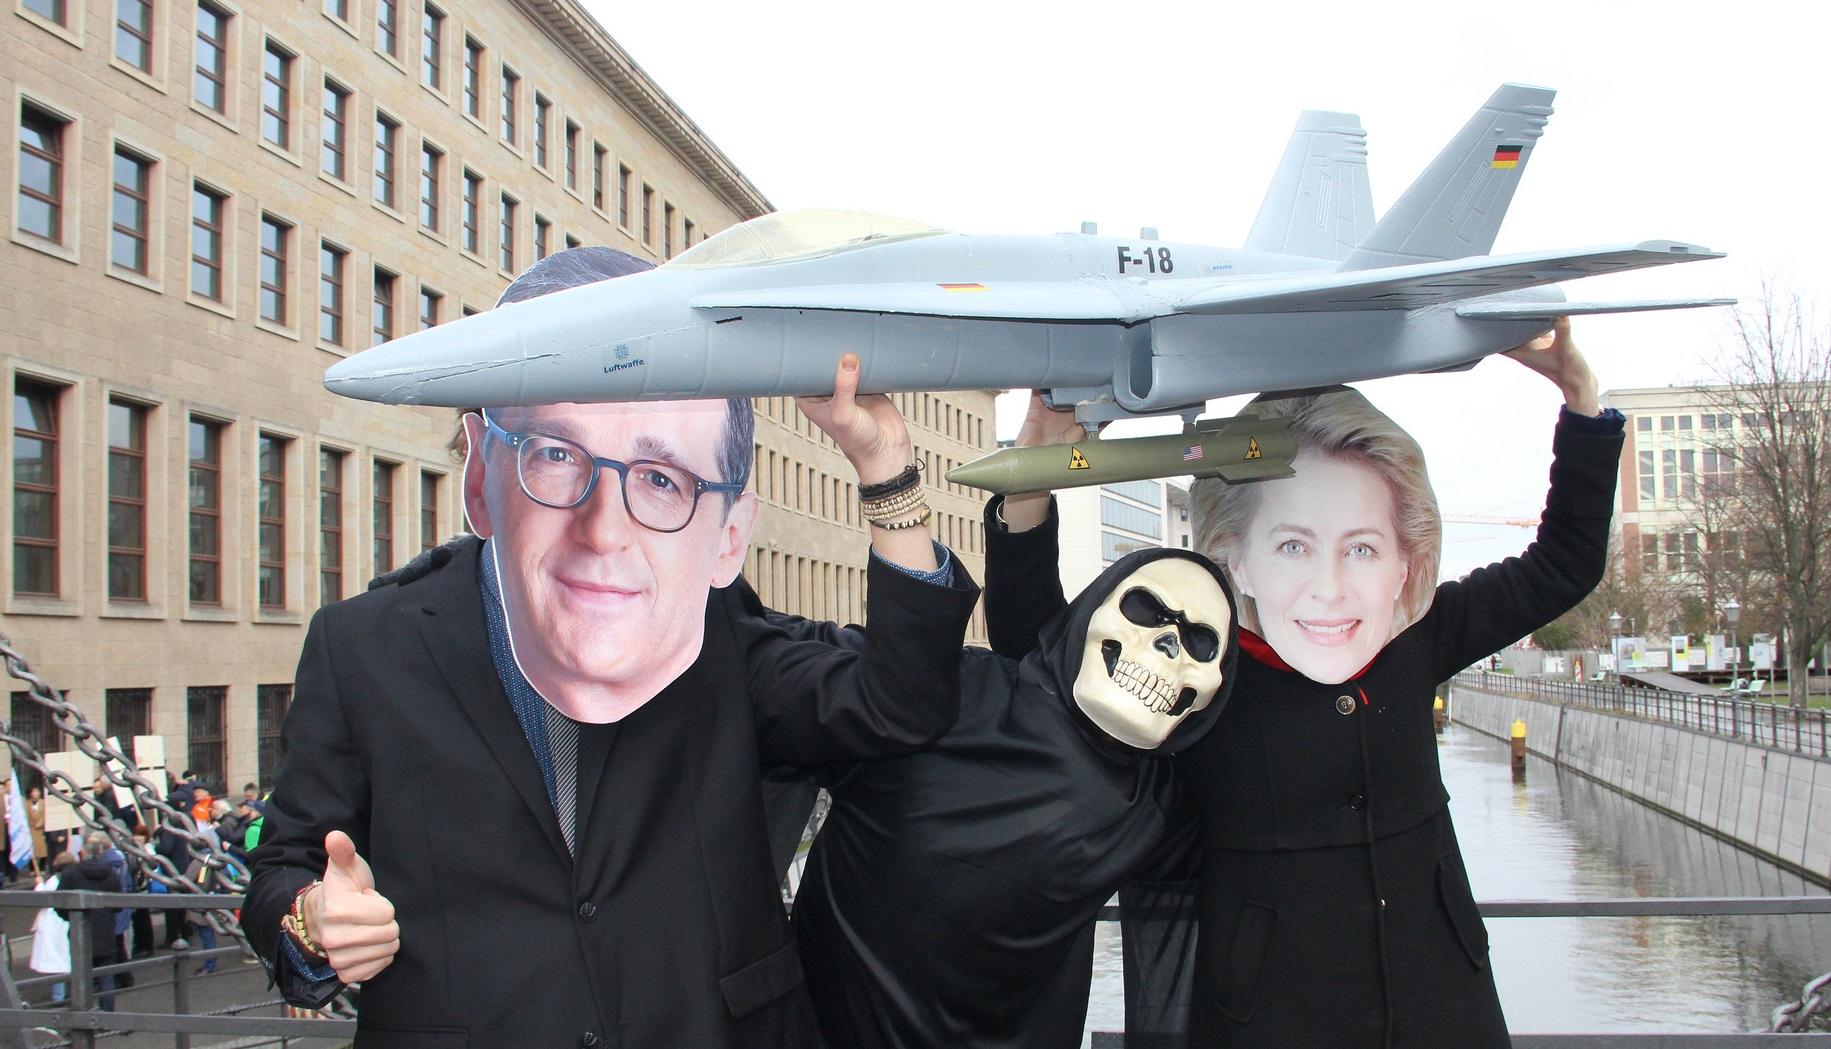 Kein deutscher Beitrag zu nuklearen Rüstungswettläufen!